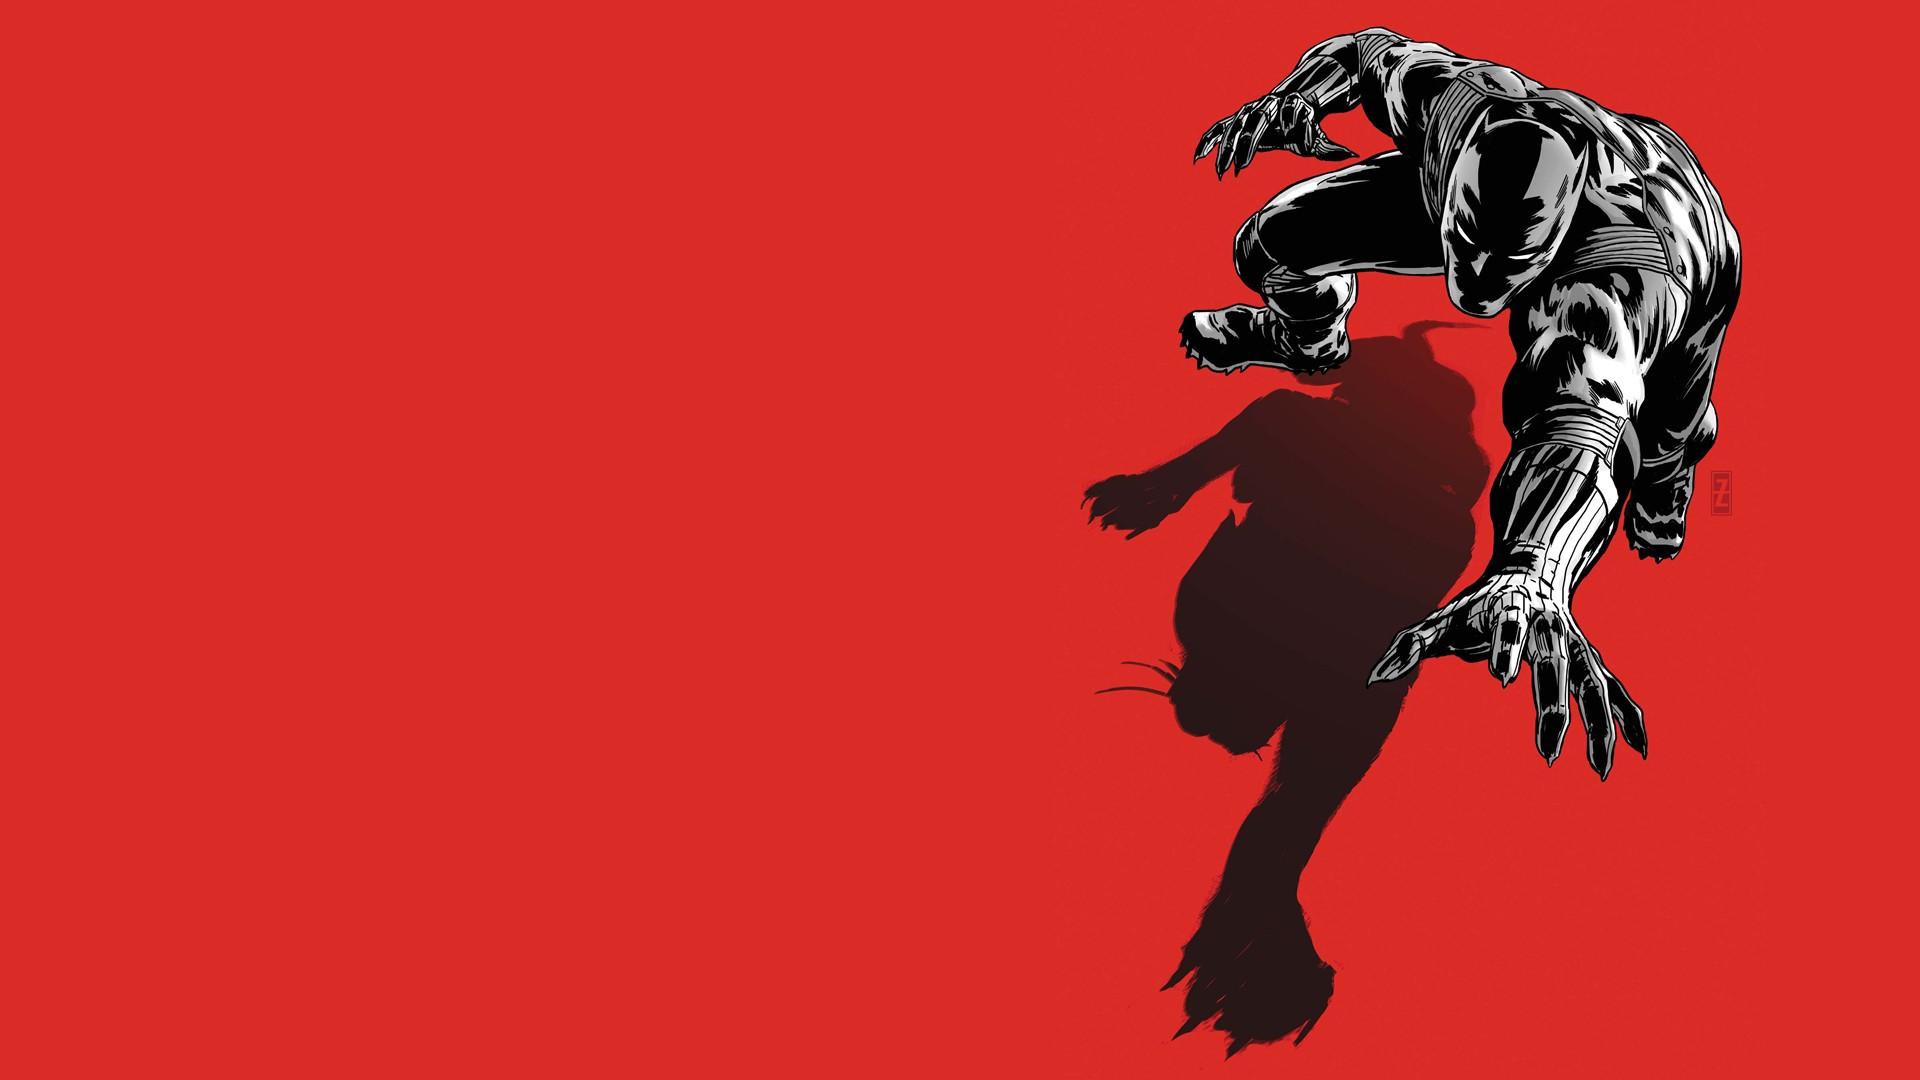 Black panther red wallpaper